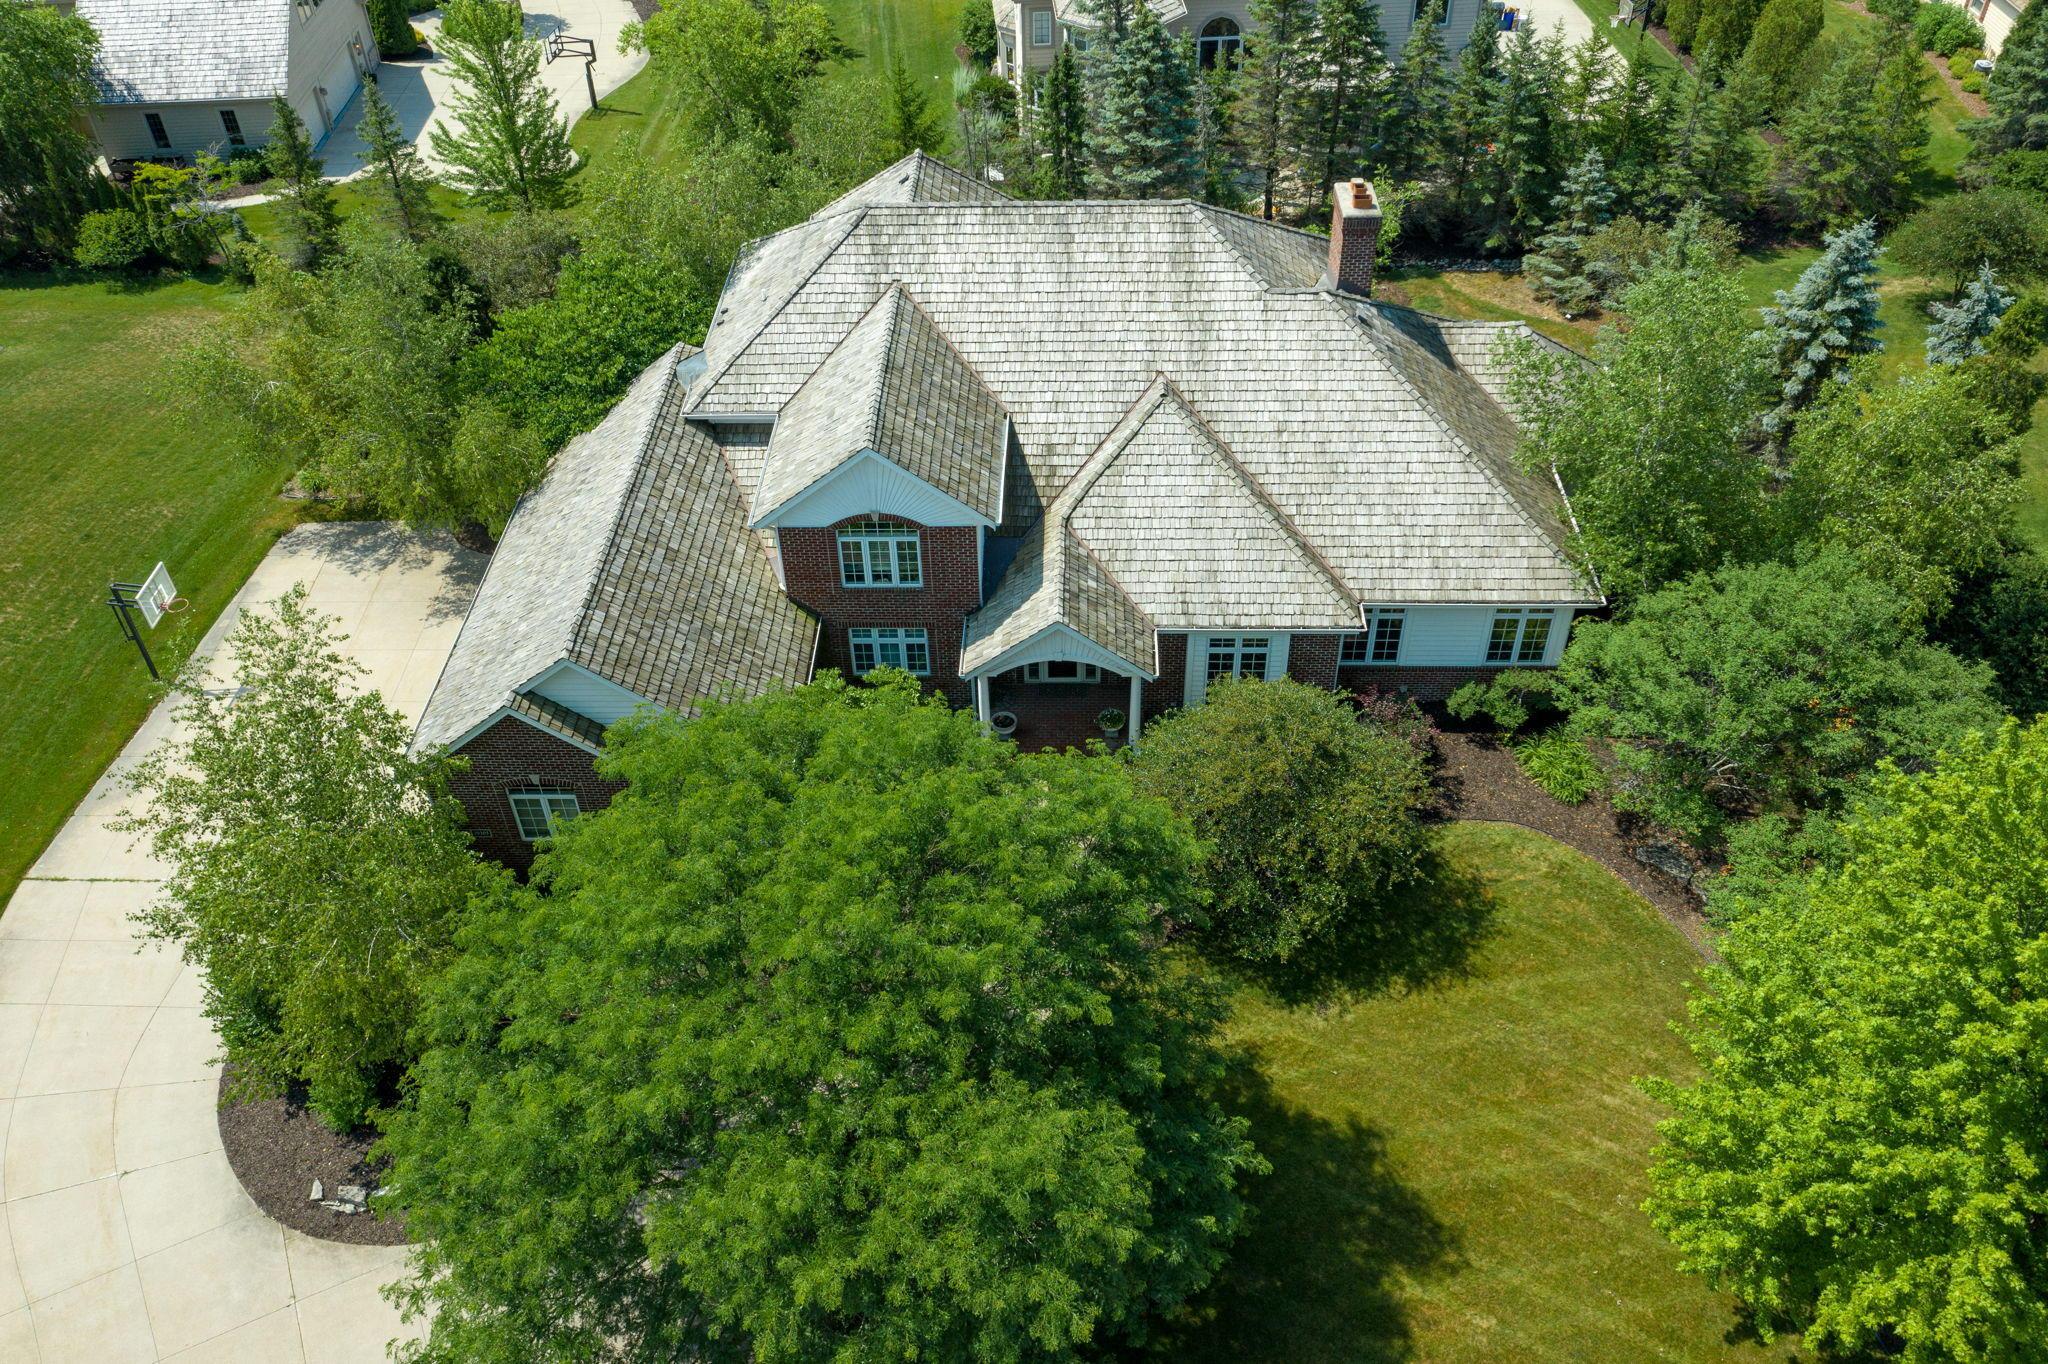 19305 Hayden Ct, Brookfield, Wisconsin 53045, 4 Bedrooms Bedrooms, 11 Rooms Rooms,4 BathroomsBathrooms,Single-Family,For Sale,Hayden Ct,1723577